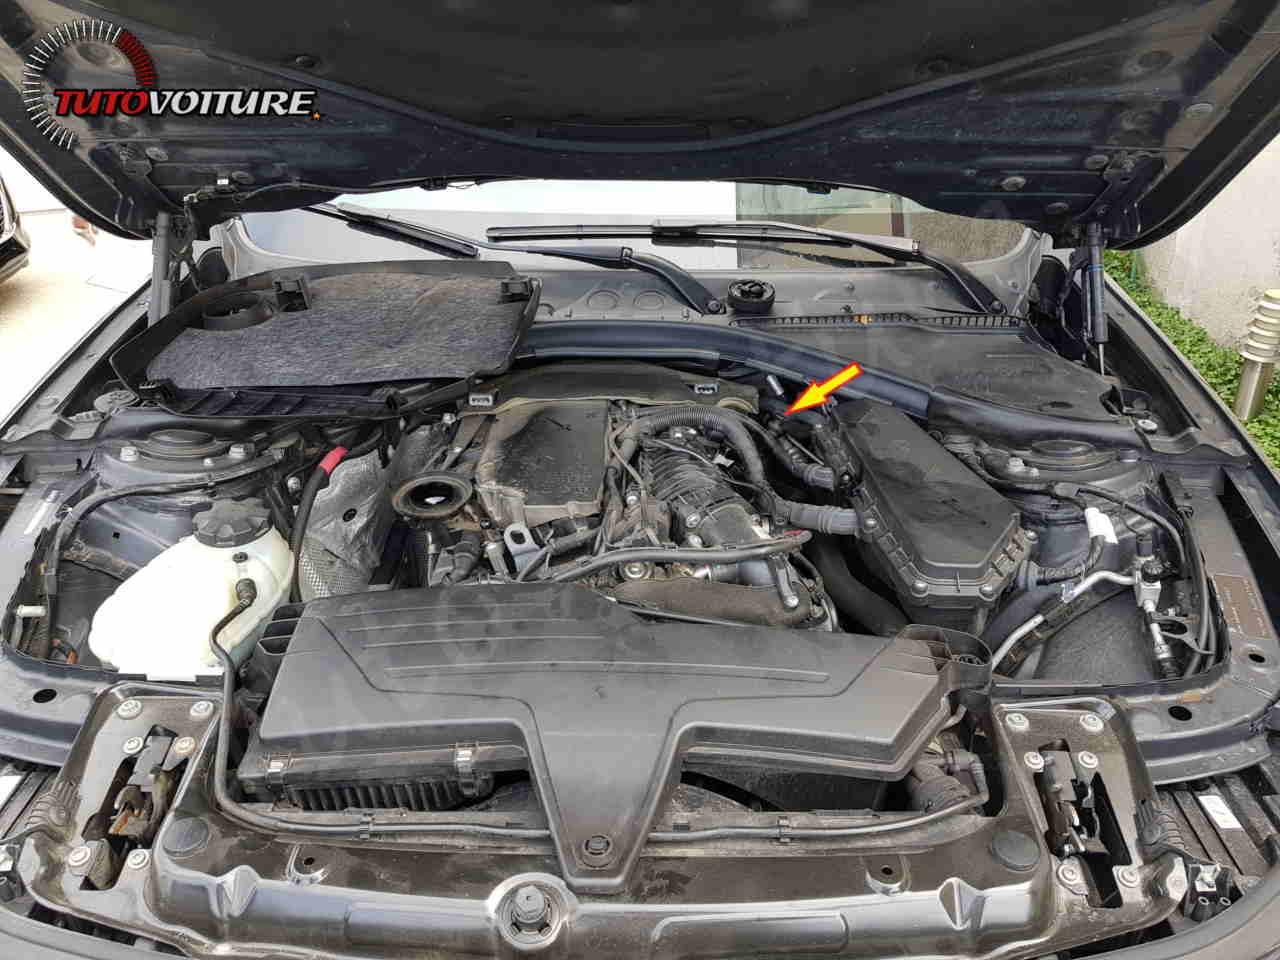 Ou se trouve la jauge d'huile bmw série 3 F30 - F31